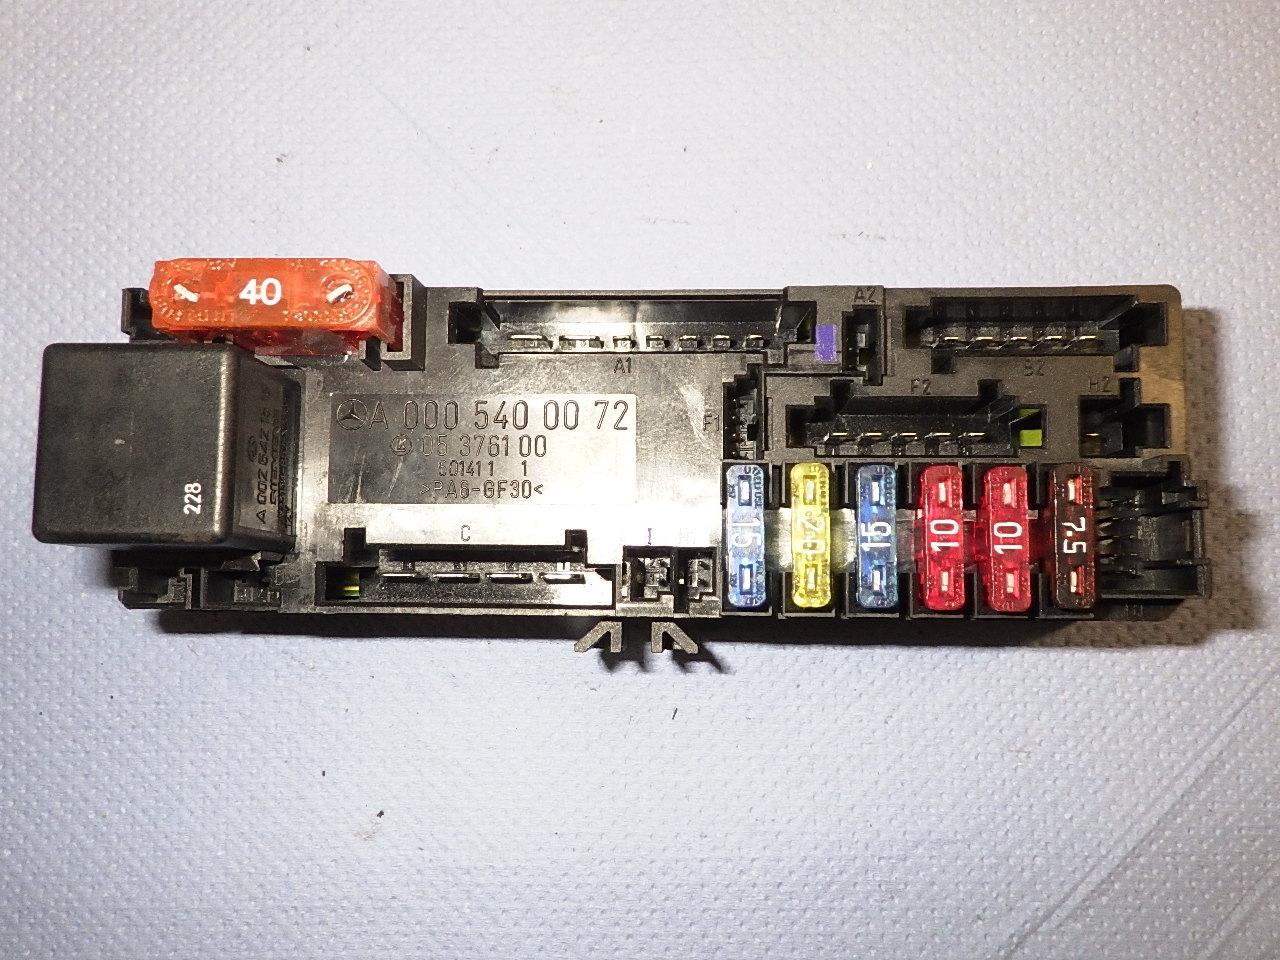 Fuse Box A0005400072|MERCEDES-BENZ| MERCEDES-BENZ, C-CLASS (